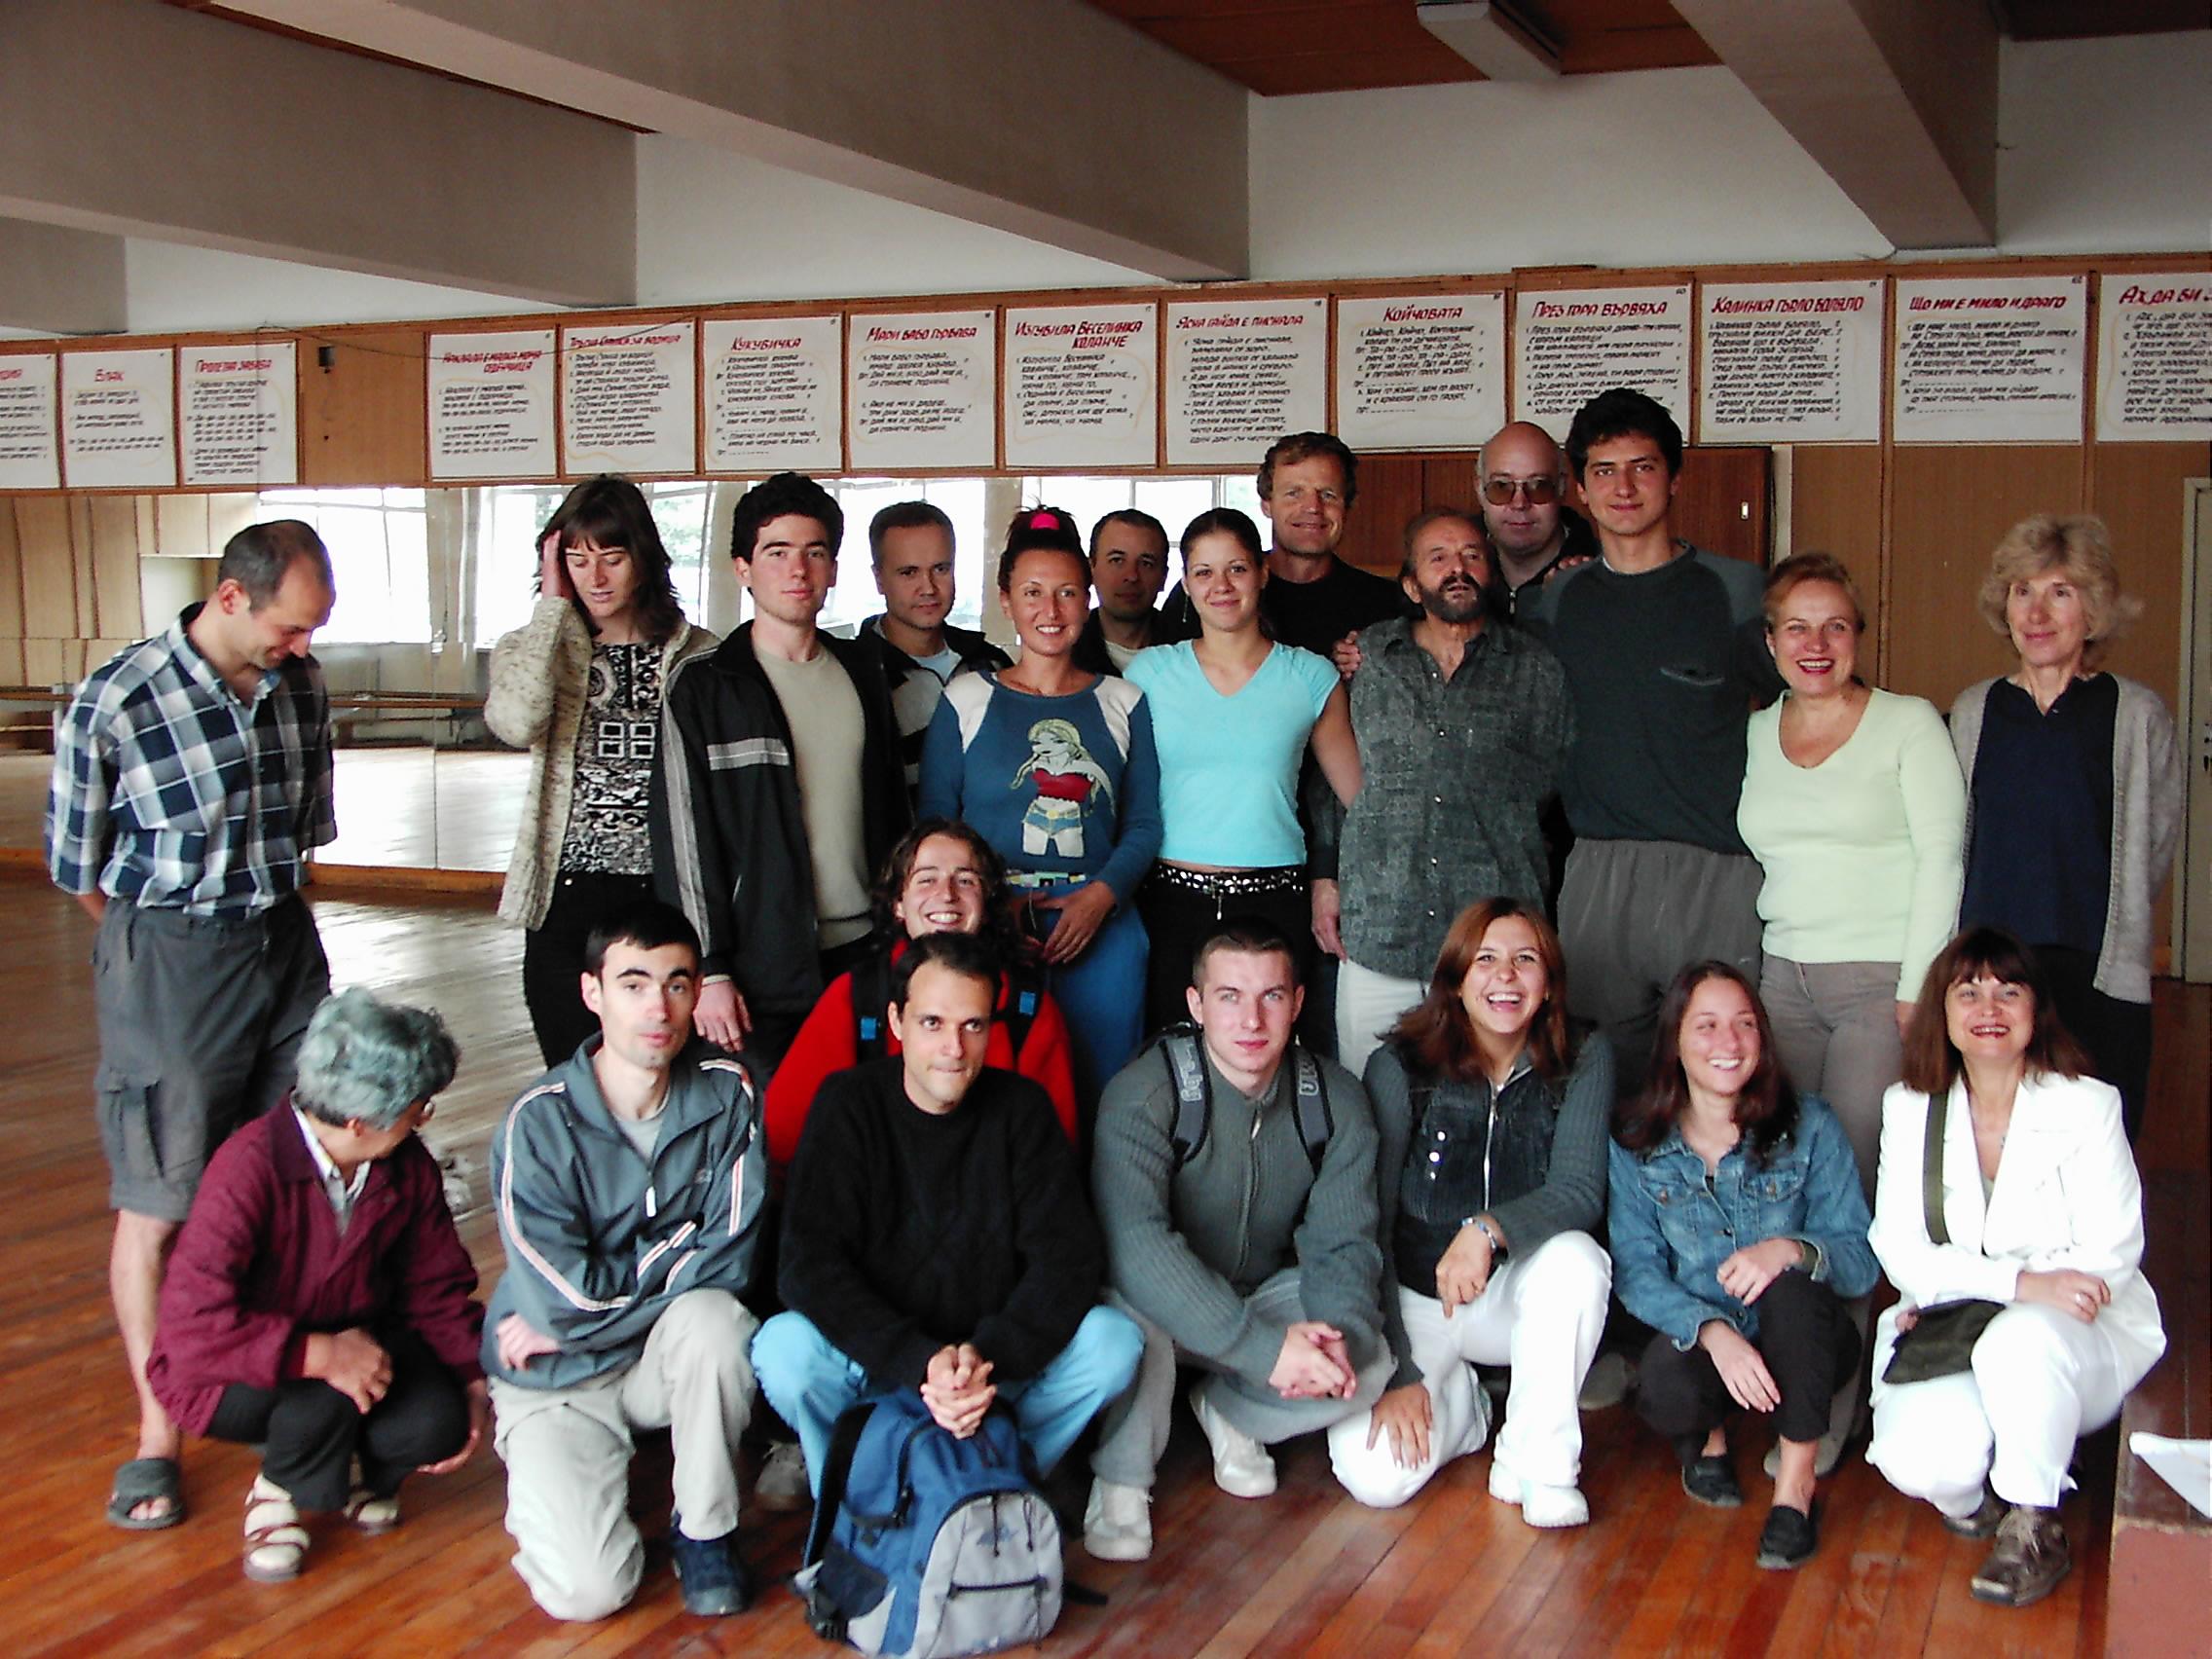 В залата по Йога в НСА през 2004 - аз съм момичето със синята блуза в центъра. :-)